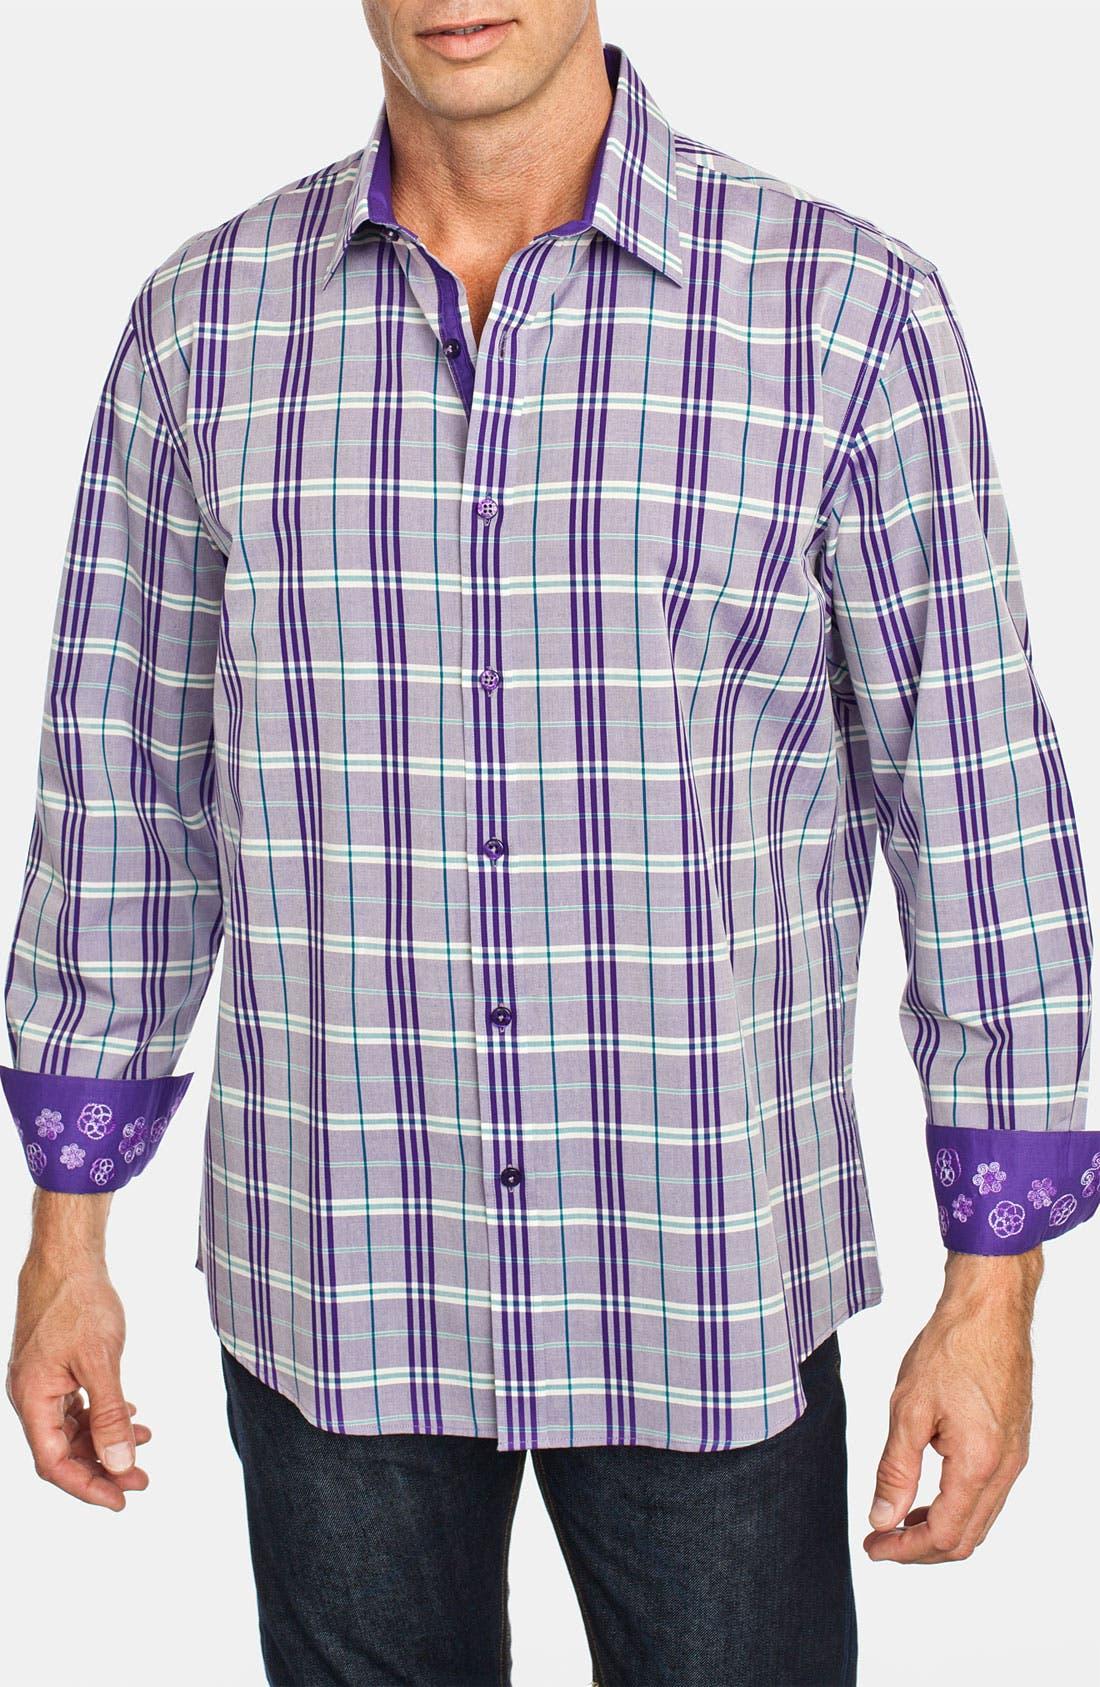 Alternate Image 1 Selected - Zagiri 'Natural Mystic' Sport Shirt